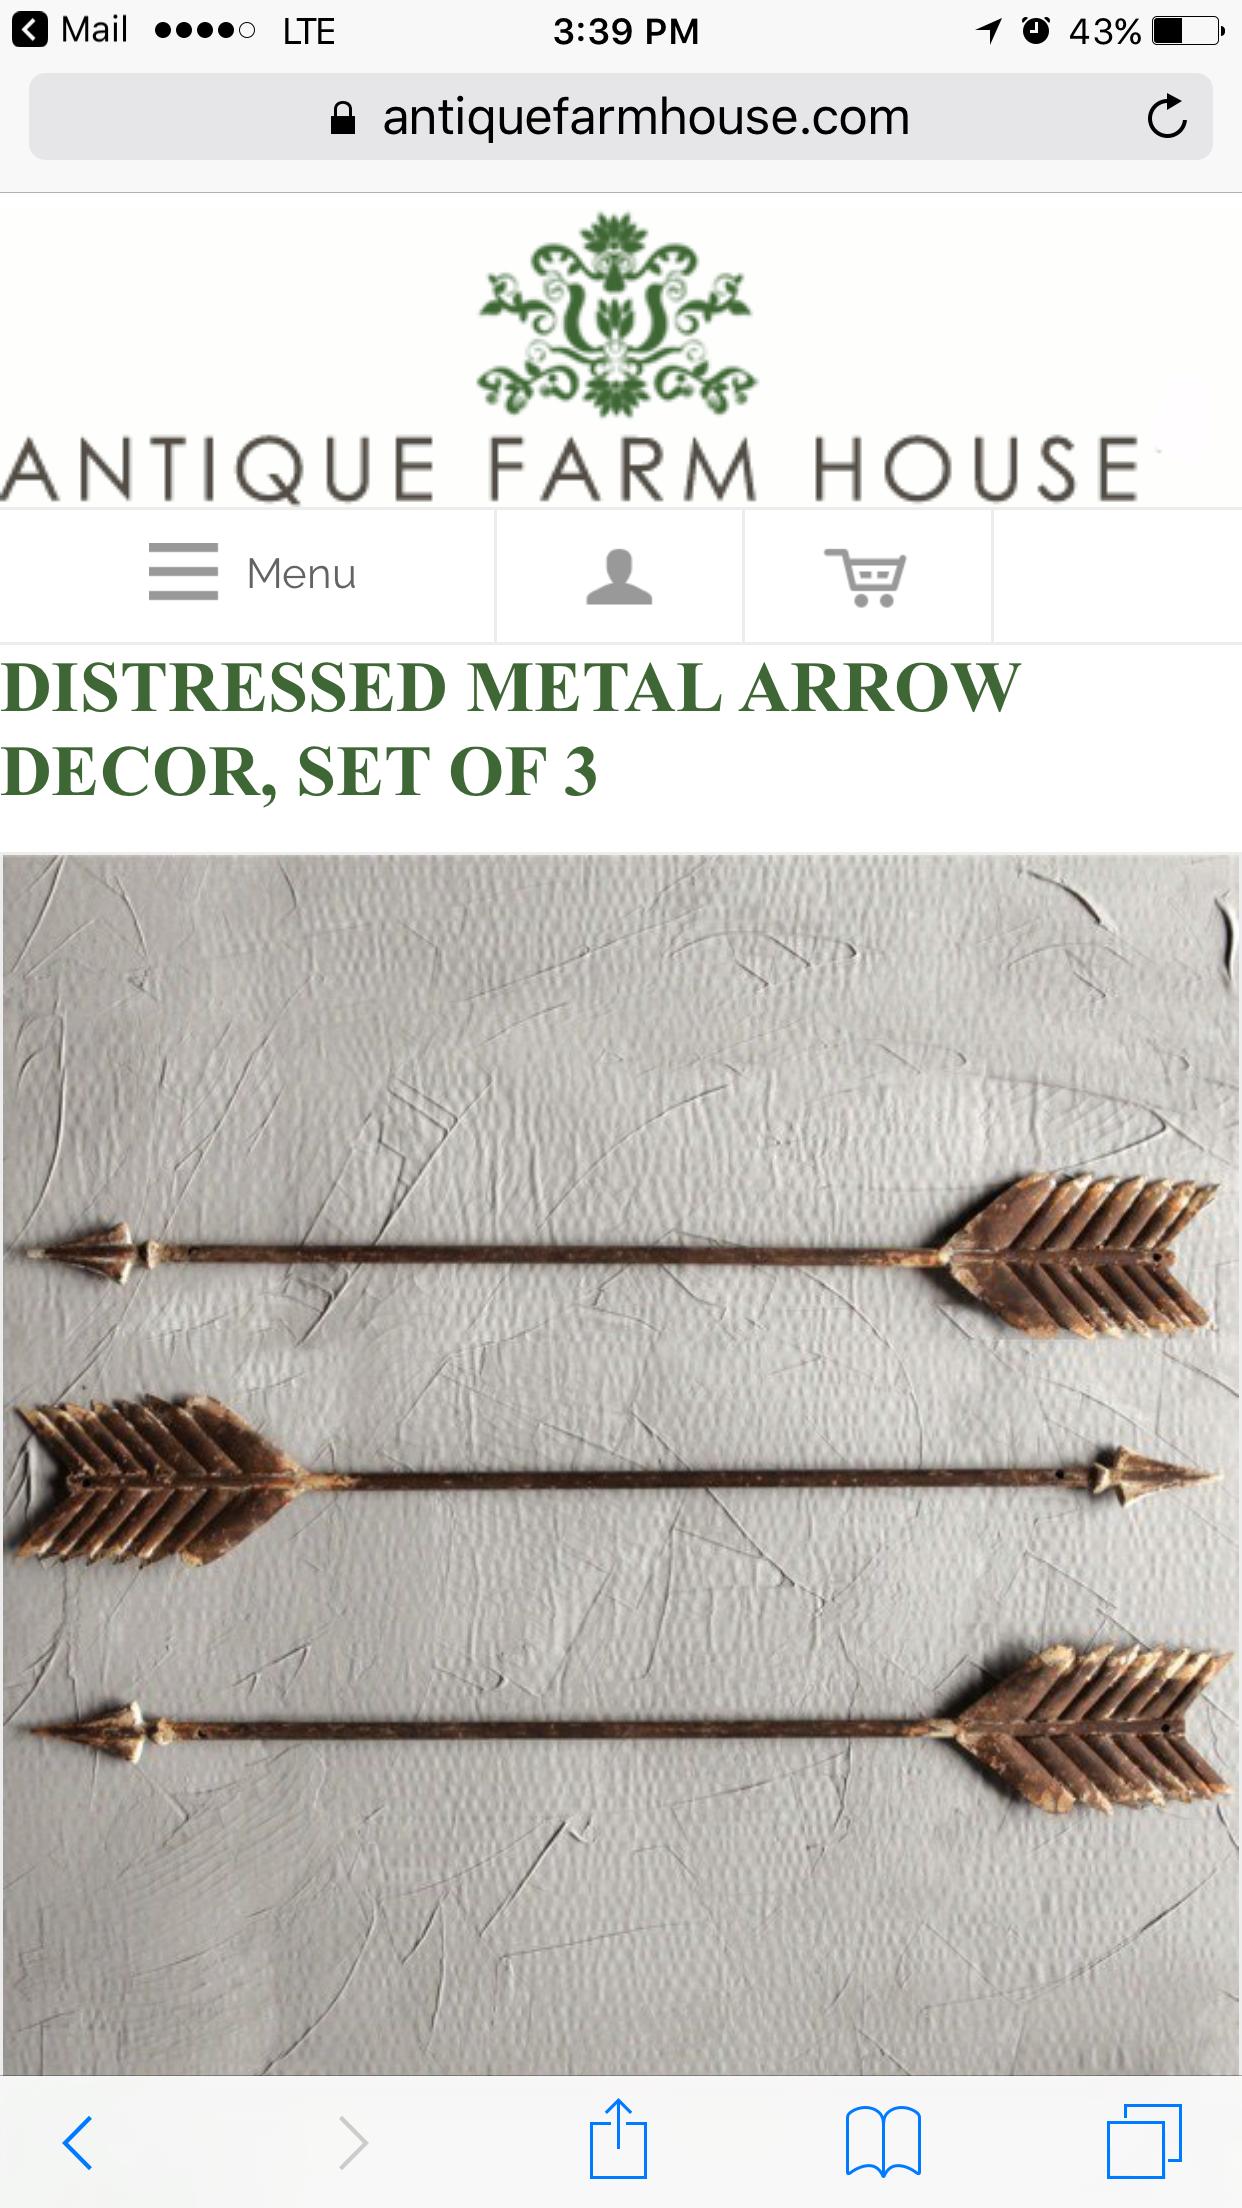 Wohndesign für 3 schlafzimmer pin von jolly goodday auf swish dnd oc  pinterest  dekoration